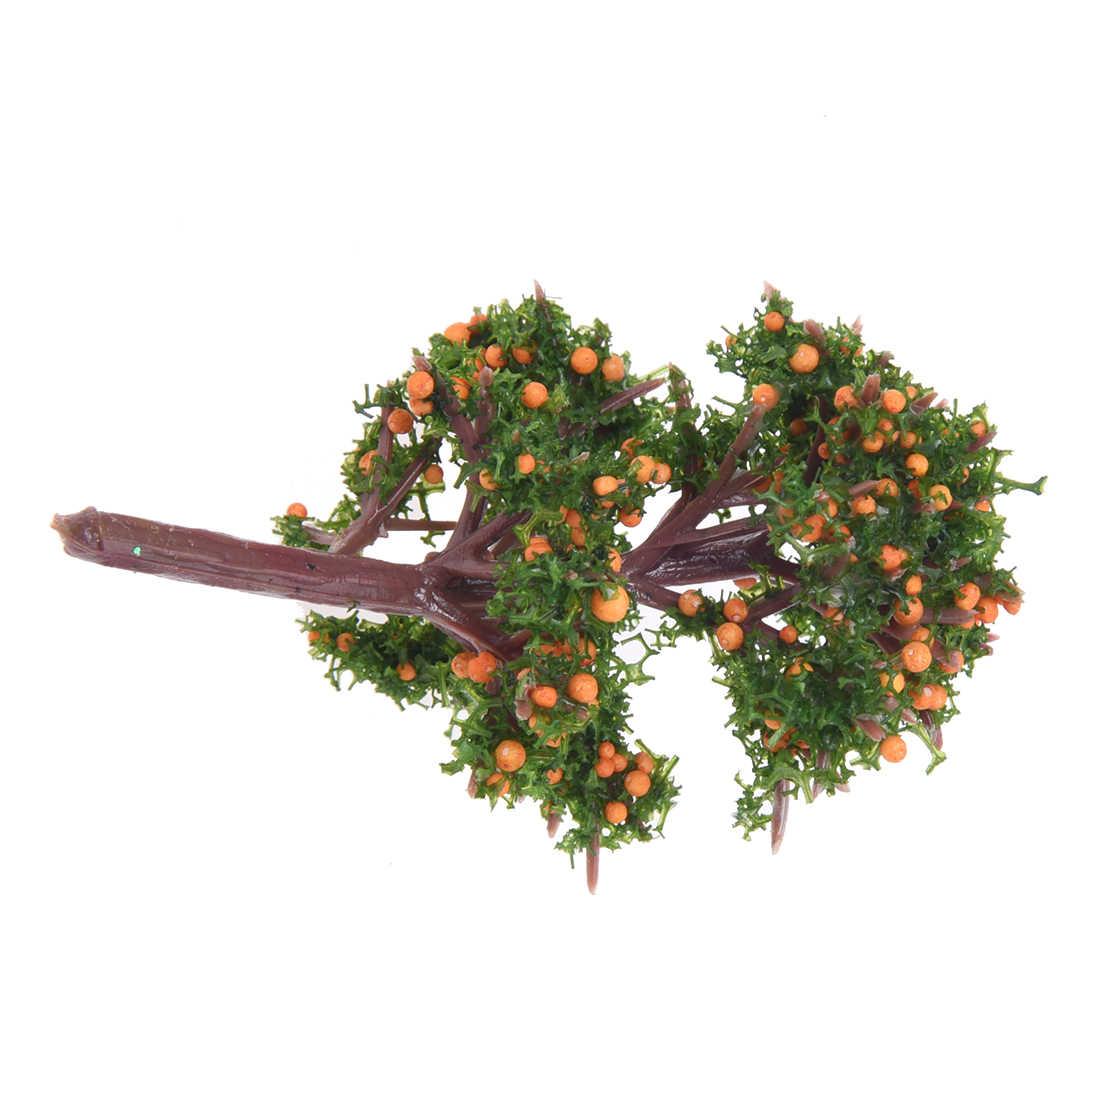 Миниатюрная эмуляция оранжевого дерева мох бонсай мини пейзаж DIY ремесло садовое украшение